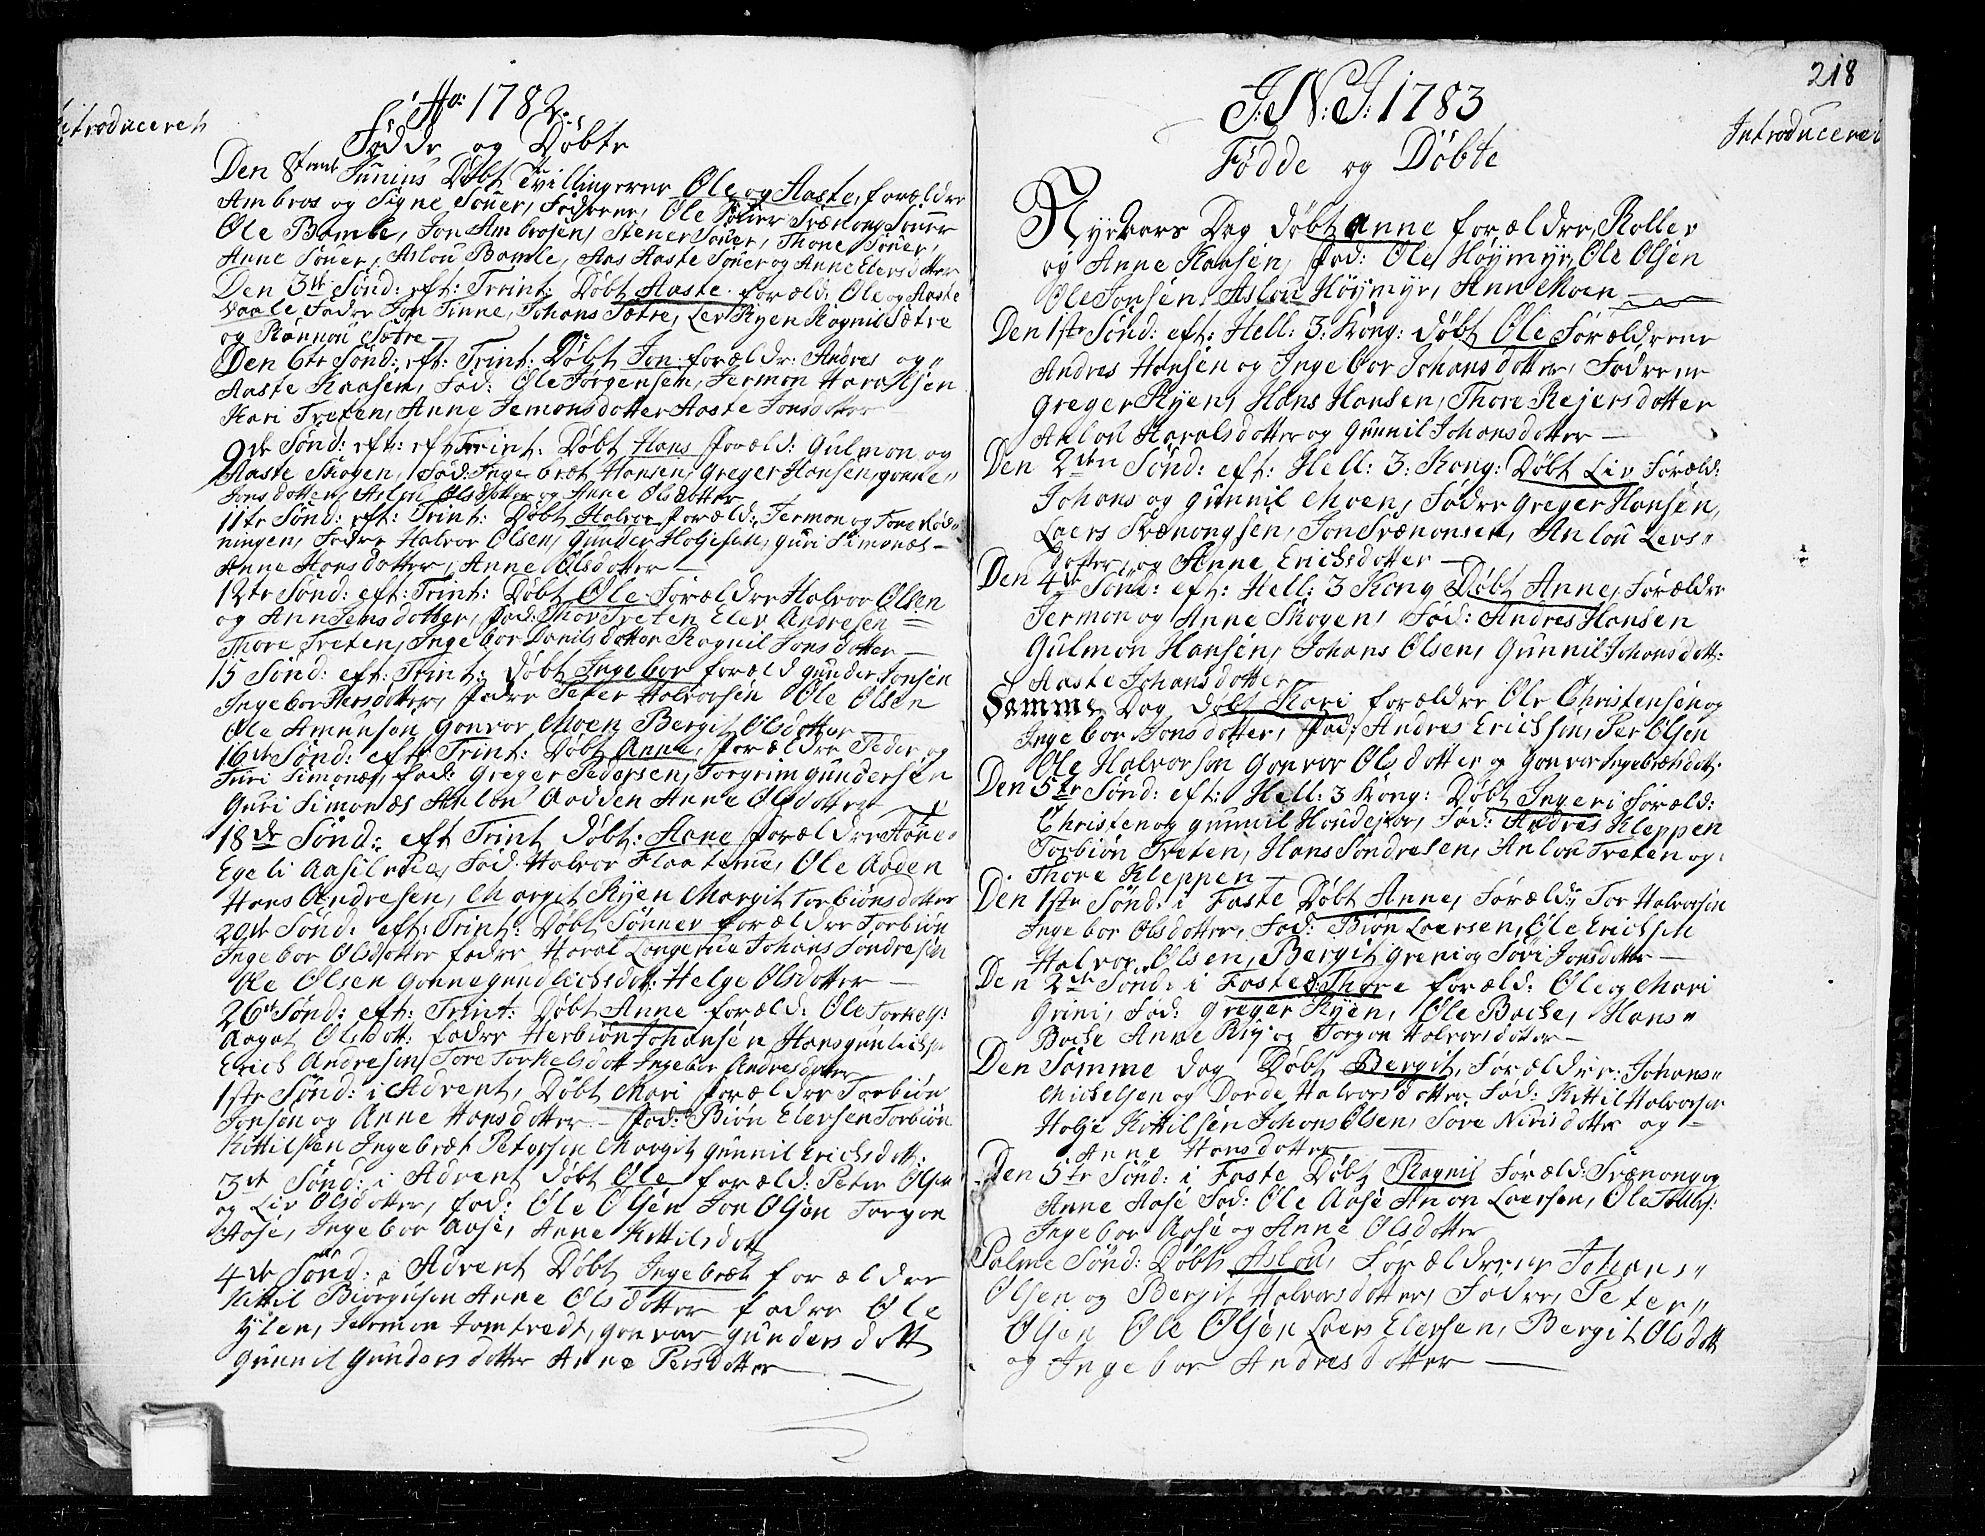 SAKO, Heddal kirkebøker, F/Fa/L0003: Ministerialbok nr. I 3, 1723-1783, s. 218